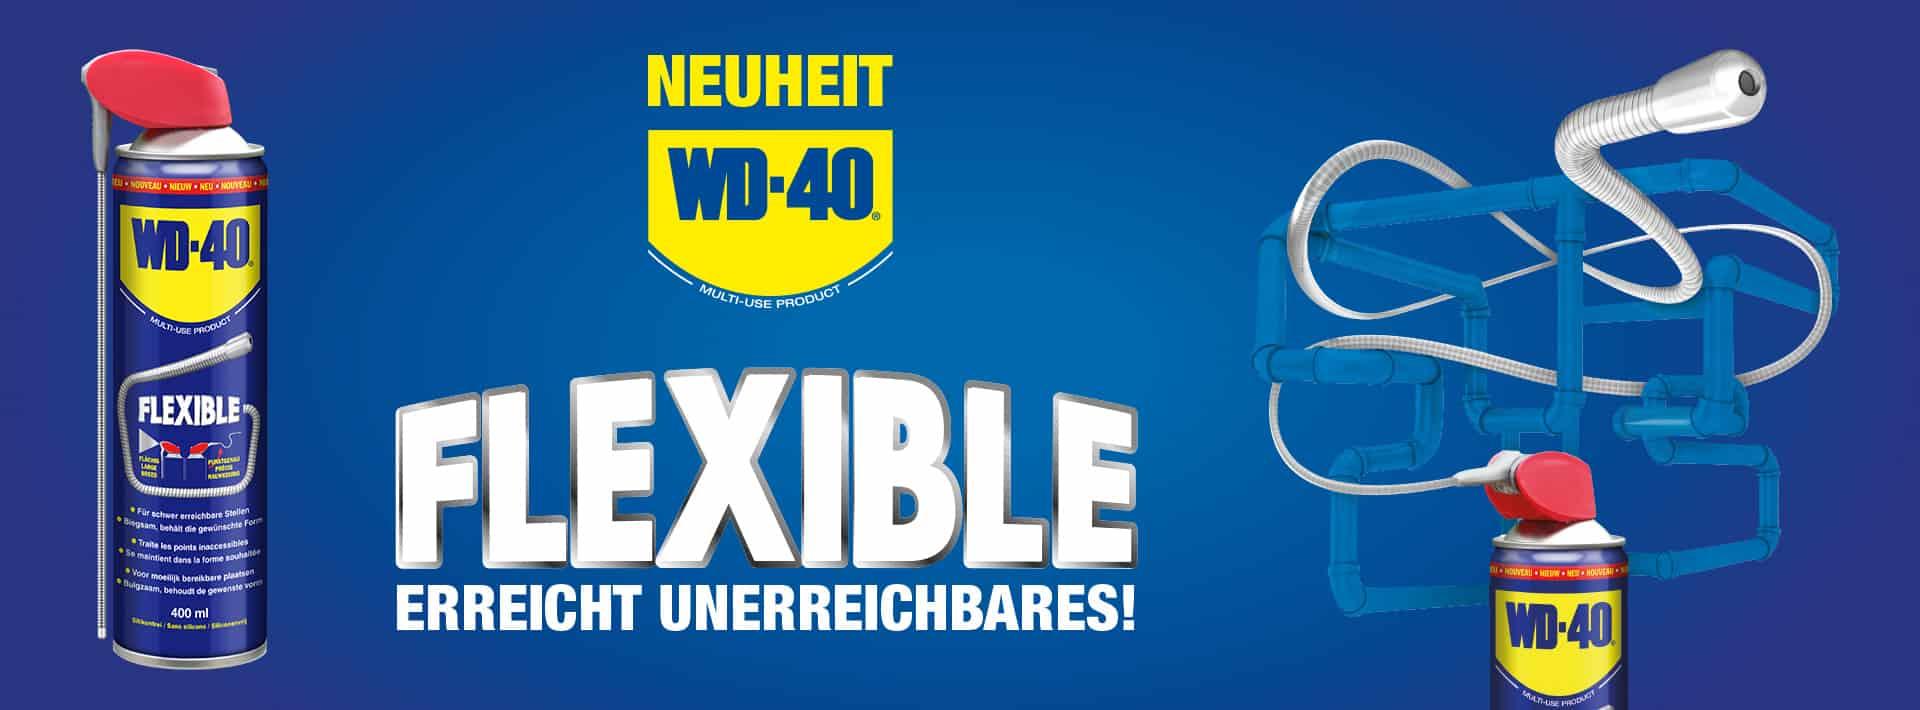 wd 40 flexible banner erreicht unerreichbares